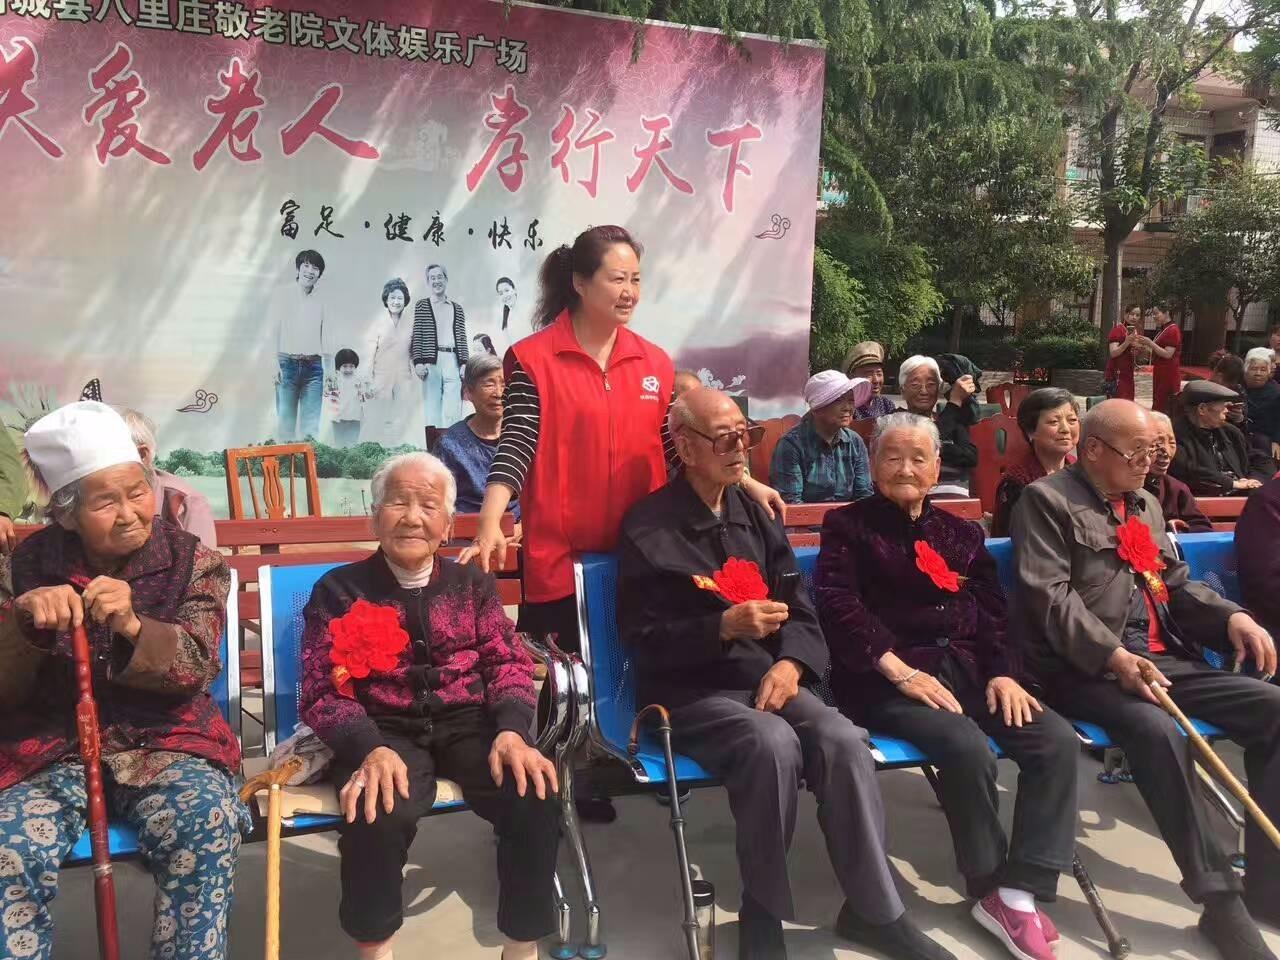 陕西省优秀巾帼志愿者姚美珍五一假期带领志愿者走进八里庄敬老院